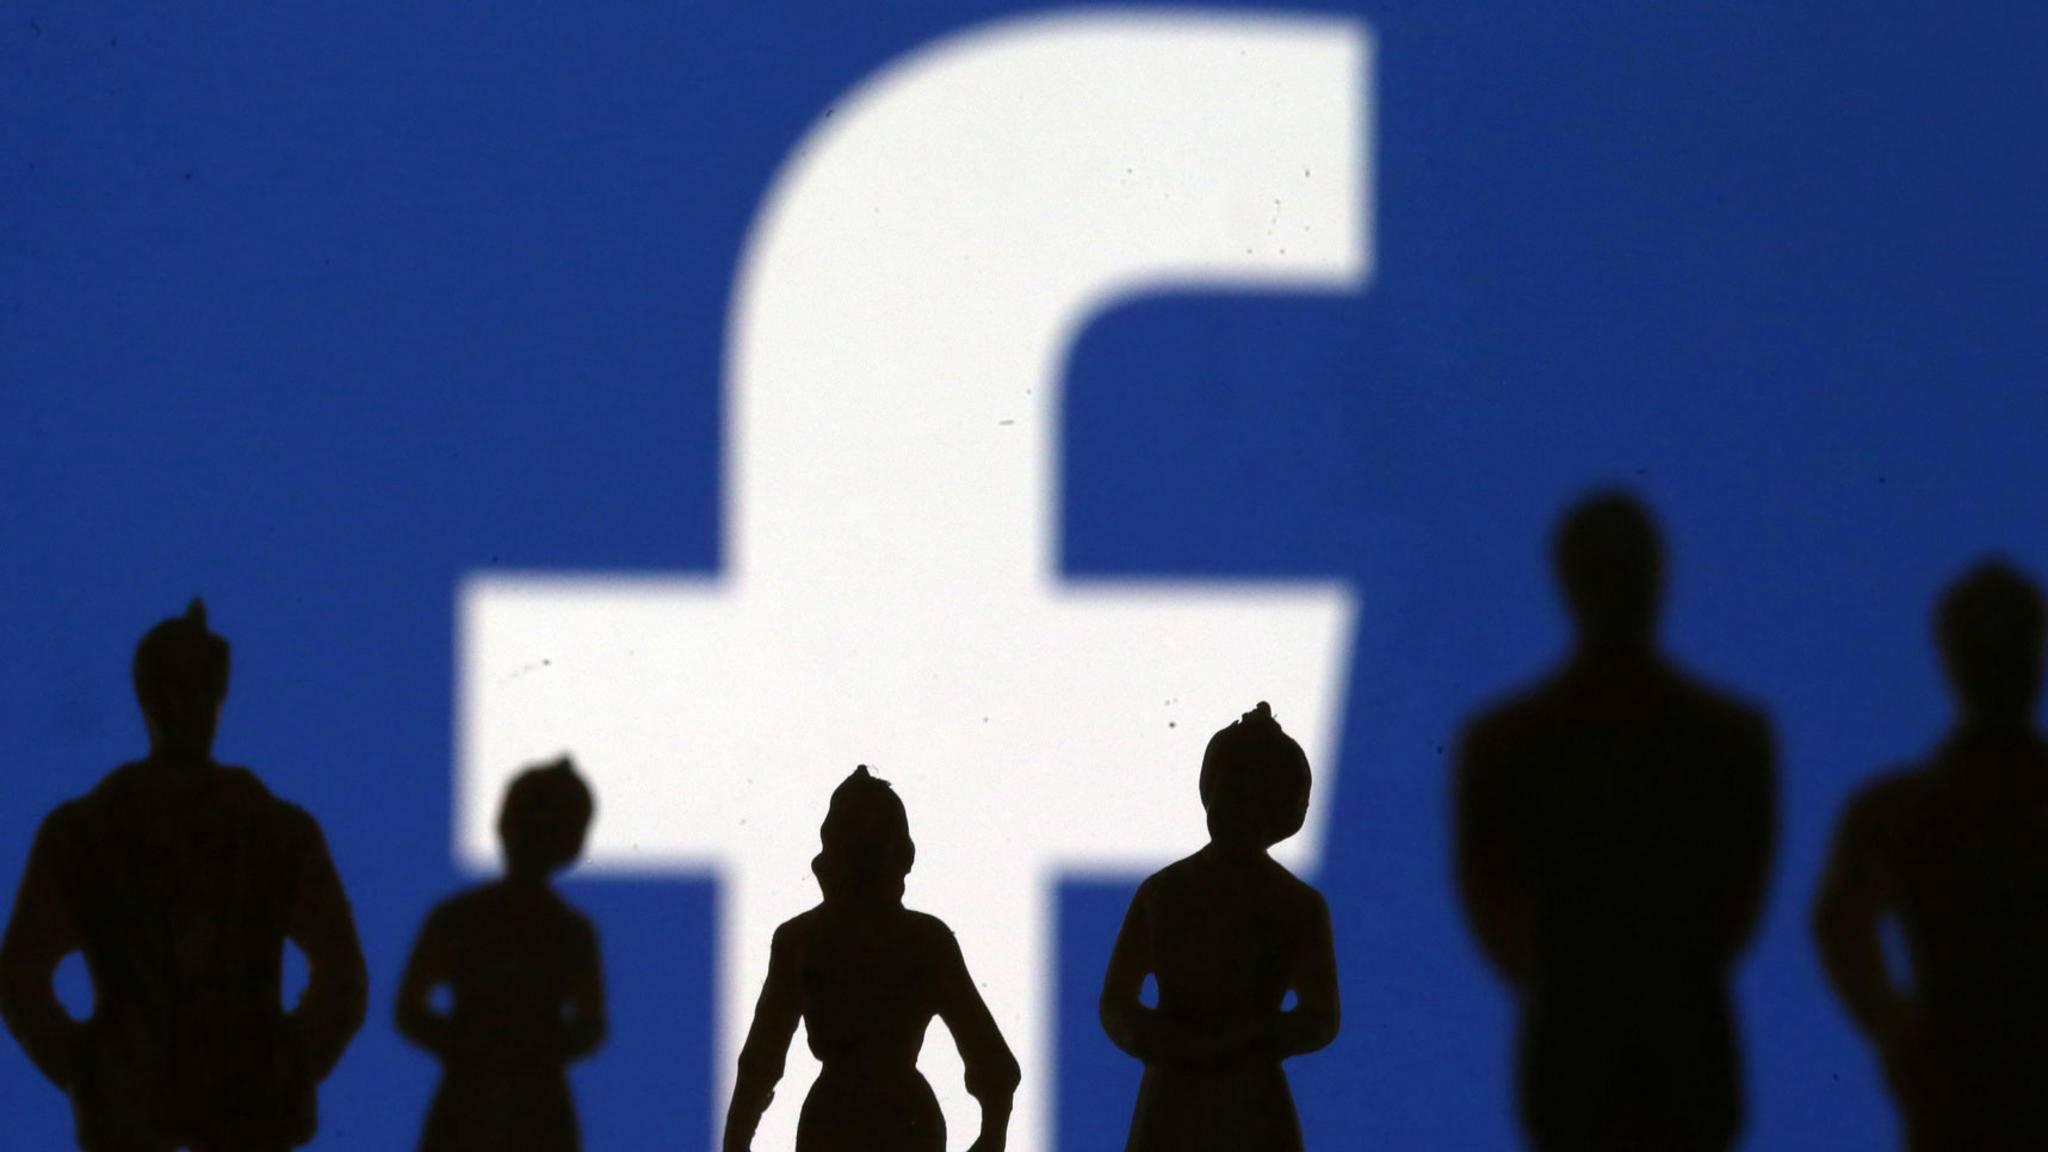 Einer Studie von Business Insider zufolge interessieren sich US-Teenager immer weniger für Facebook.